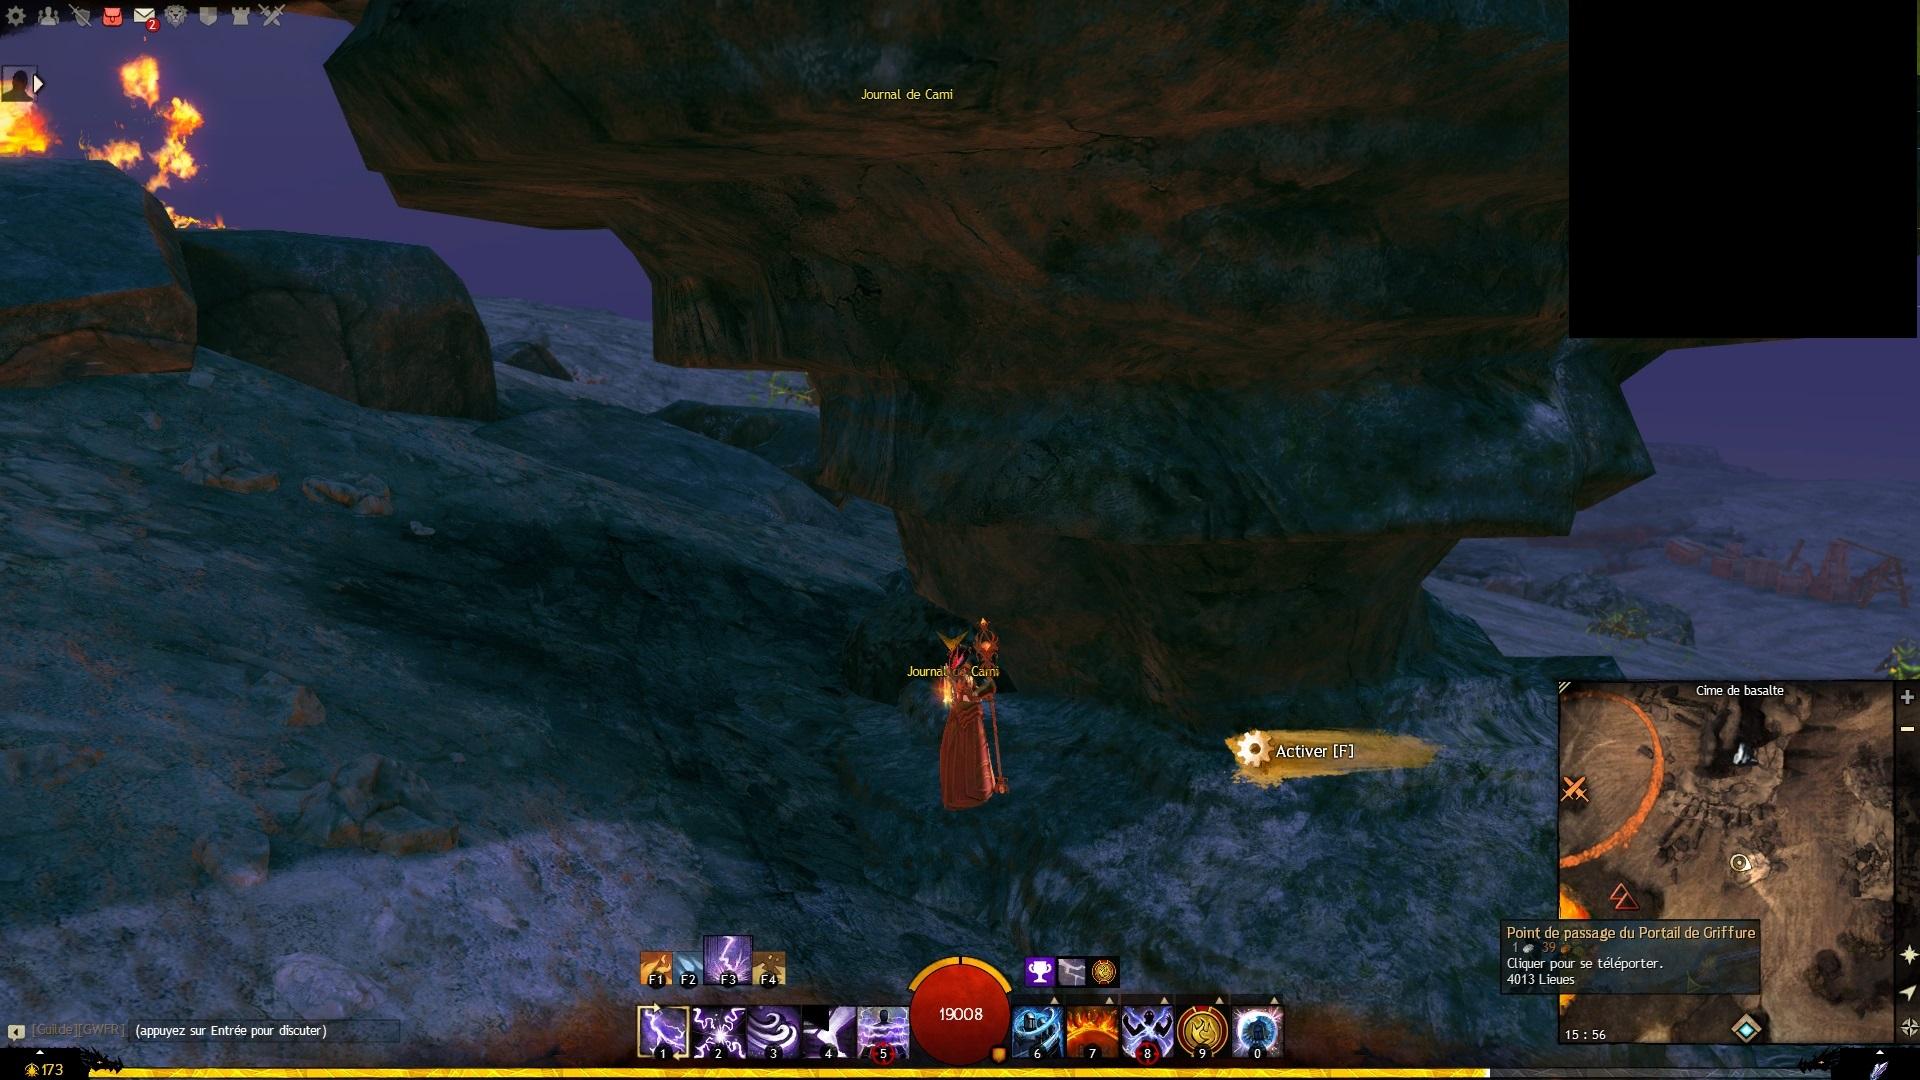 Cime de basalte (Ultime voyage de Cami)